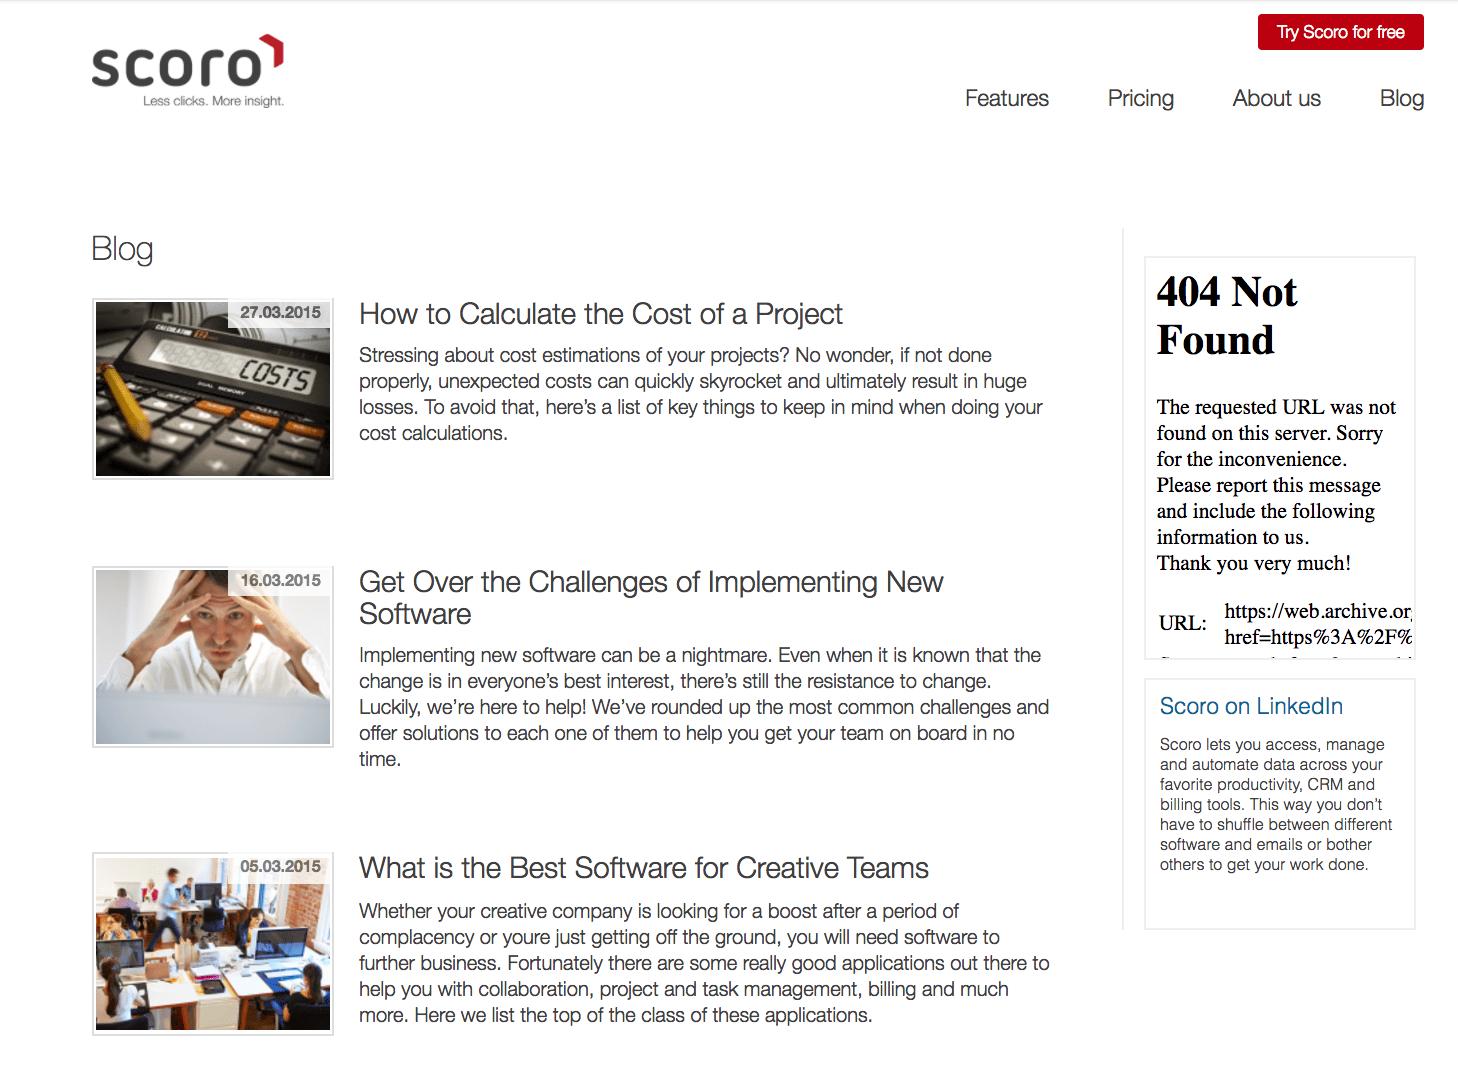 scoro blog in 2015